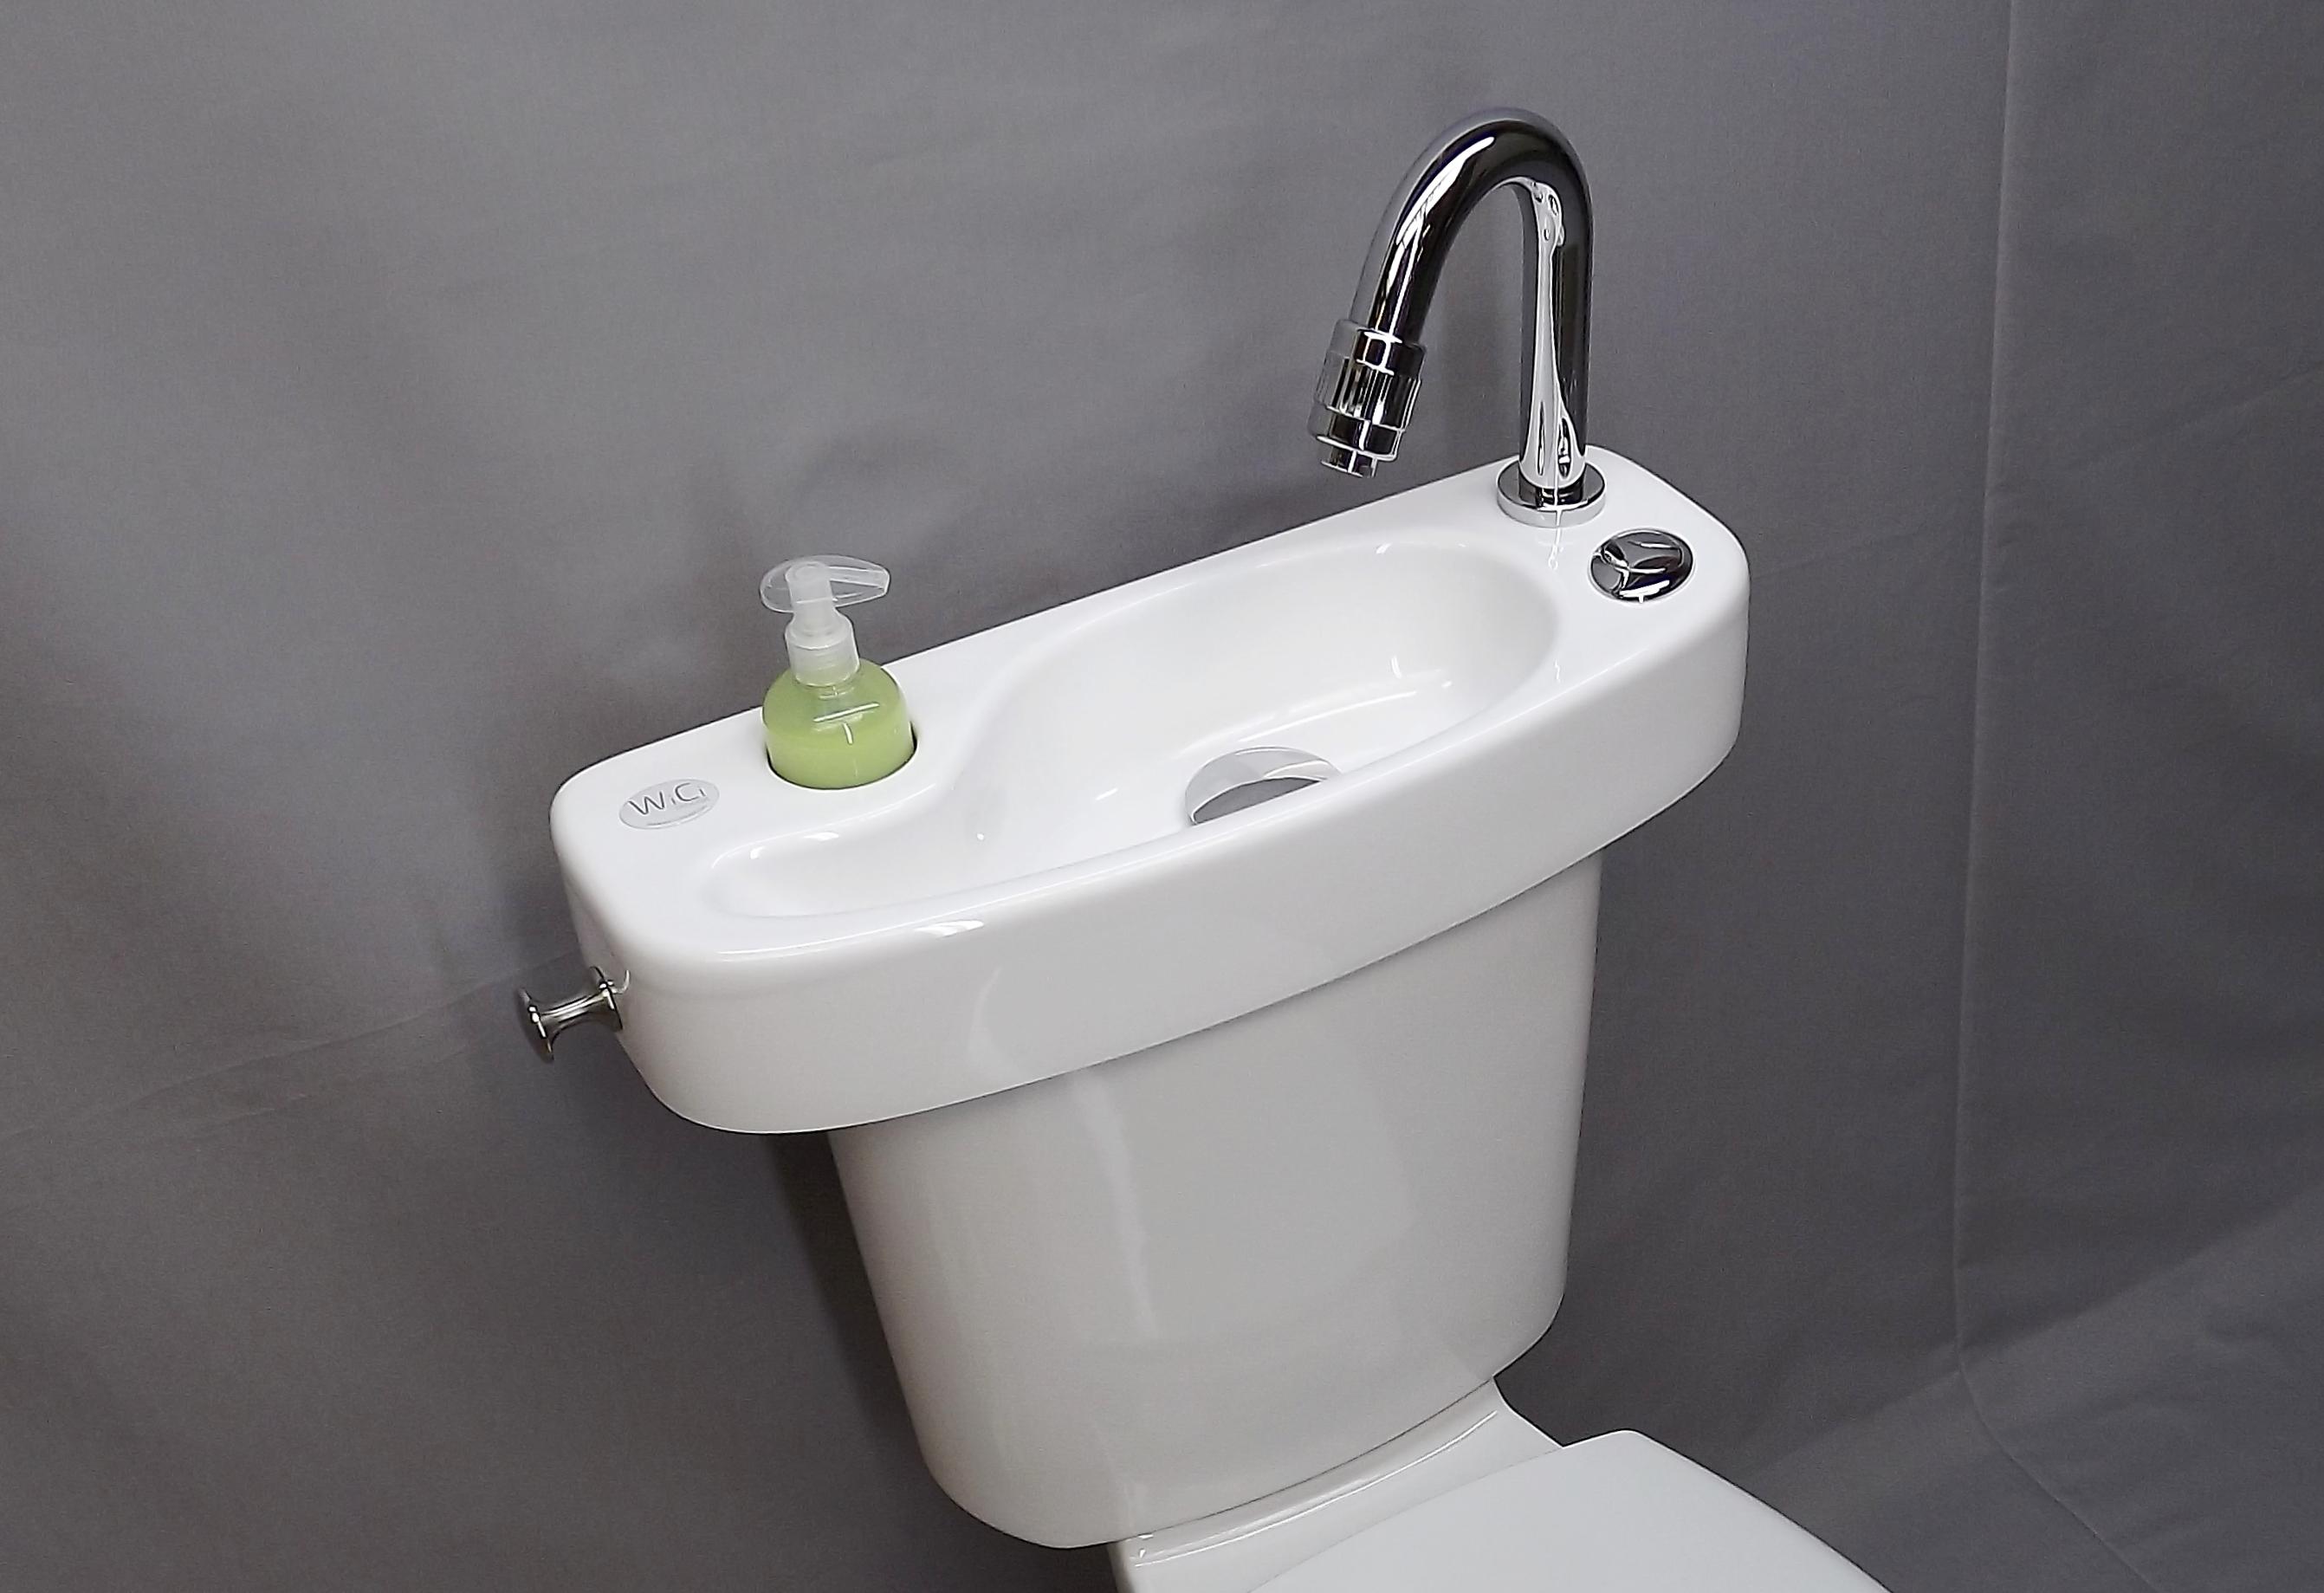 Ikea robinetterie salle de bain